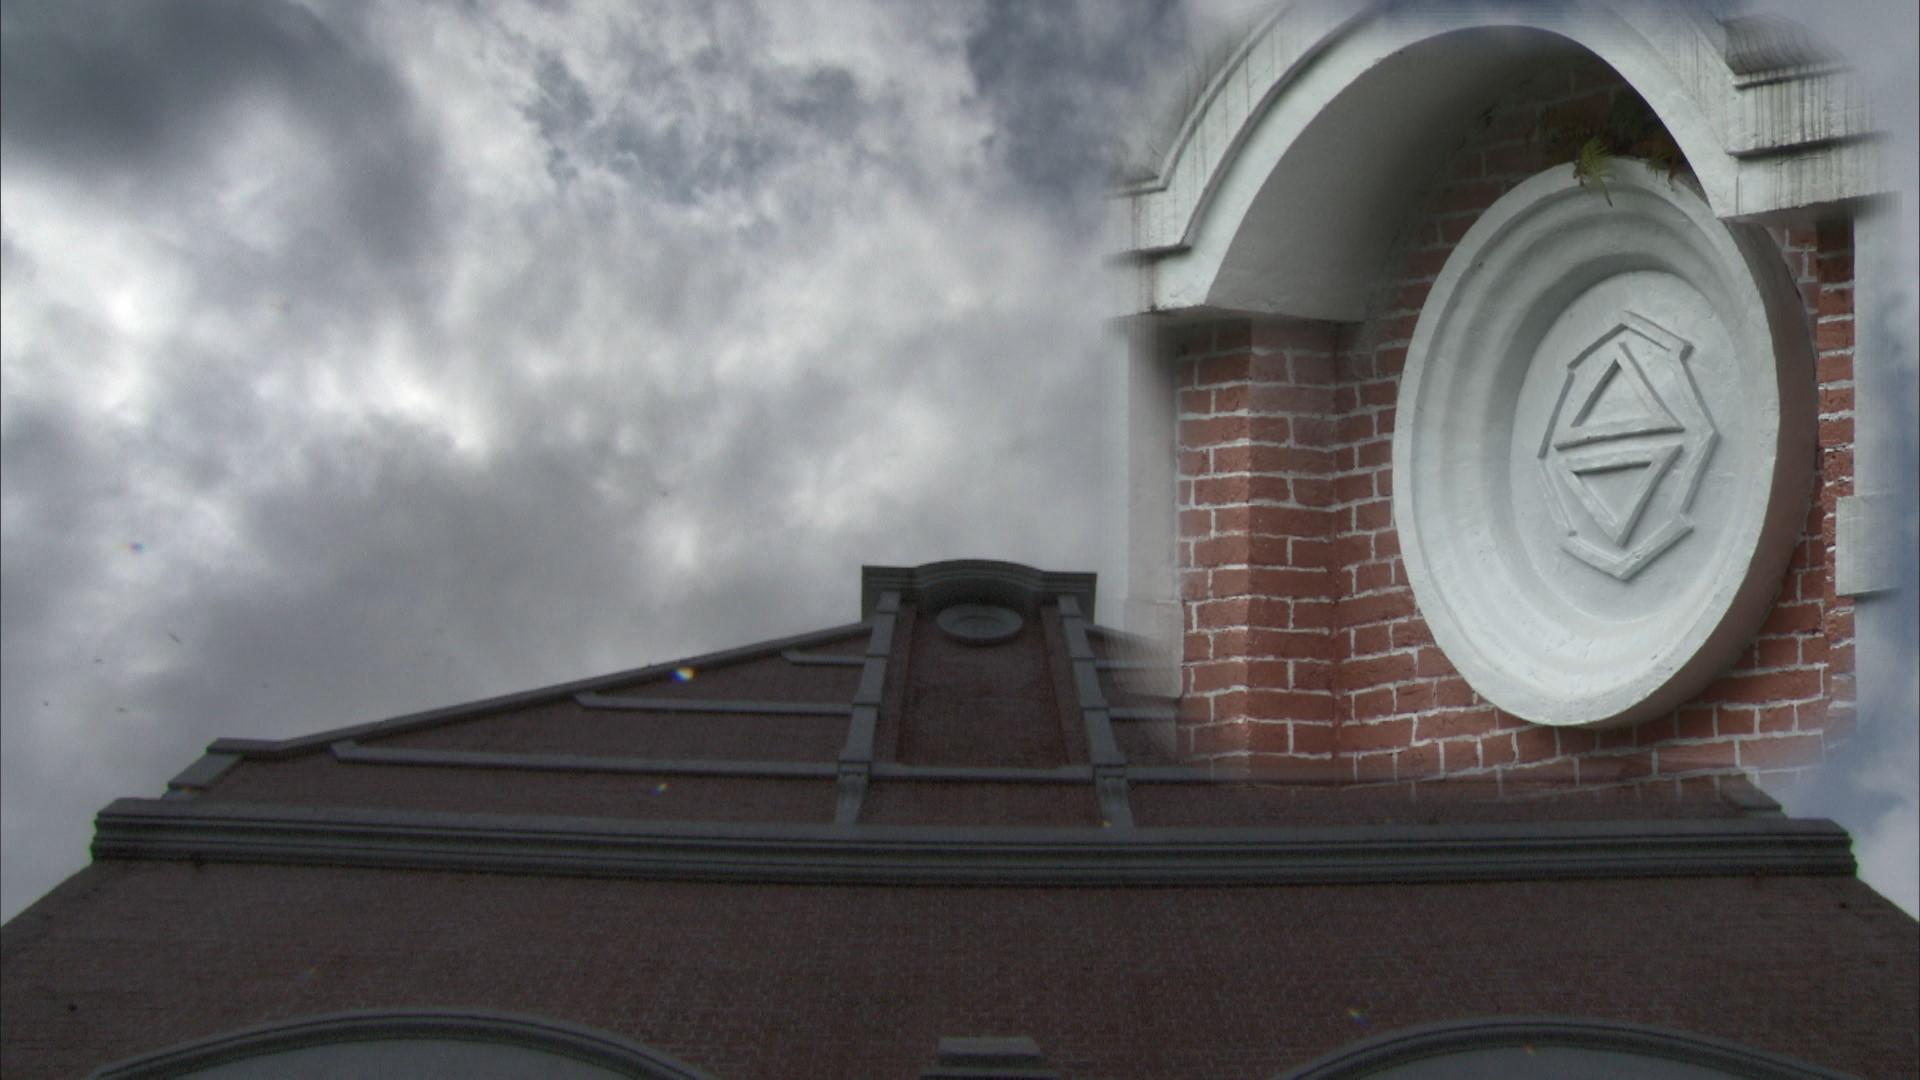 小粗坑電廠屋頂山牆上的台灣總督府台字徽飾